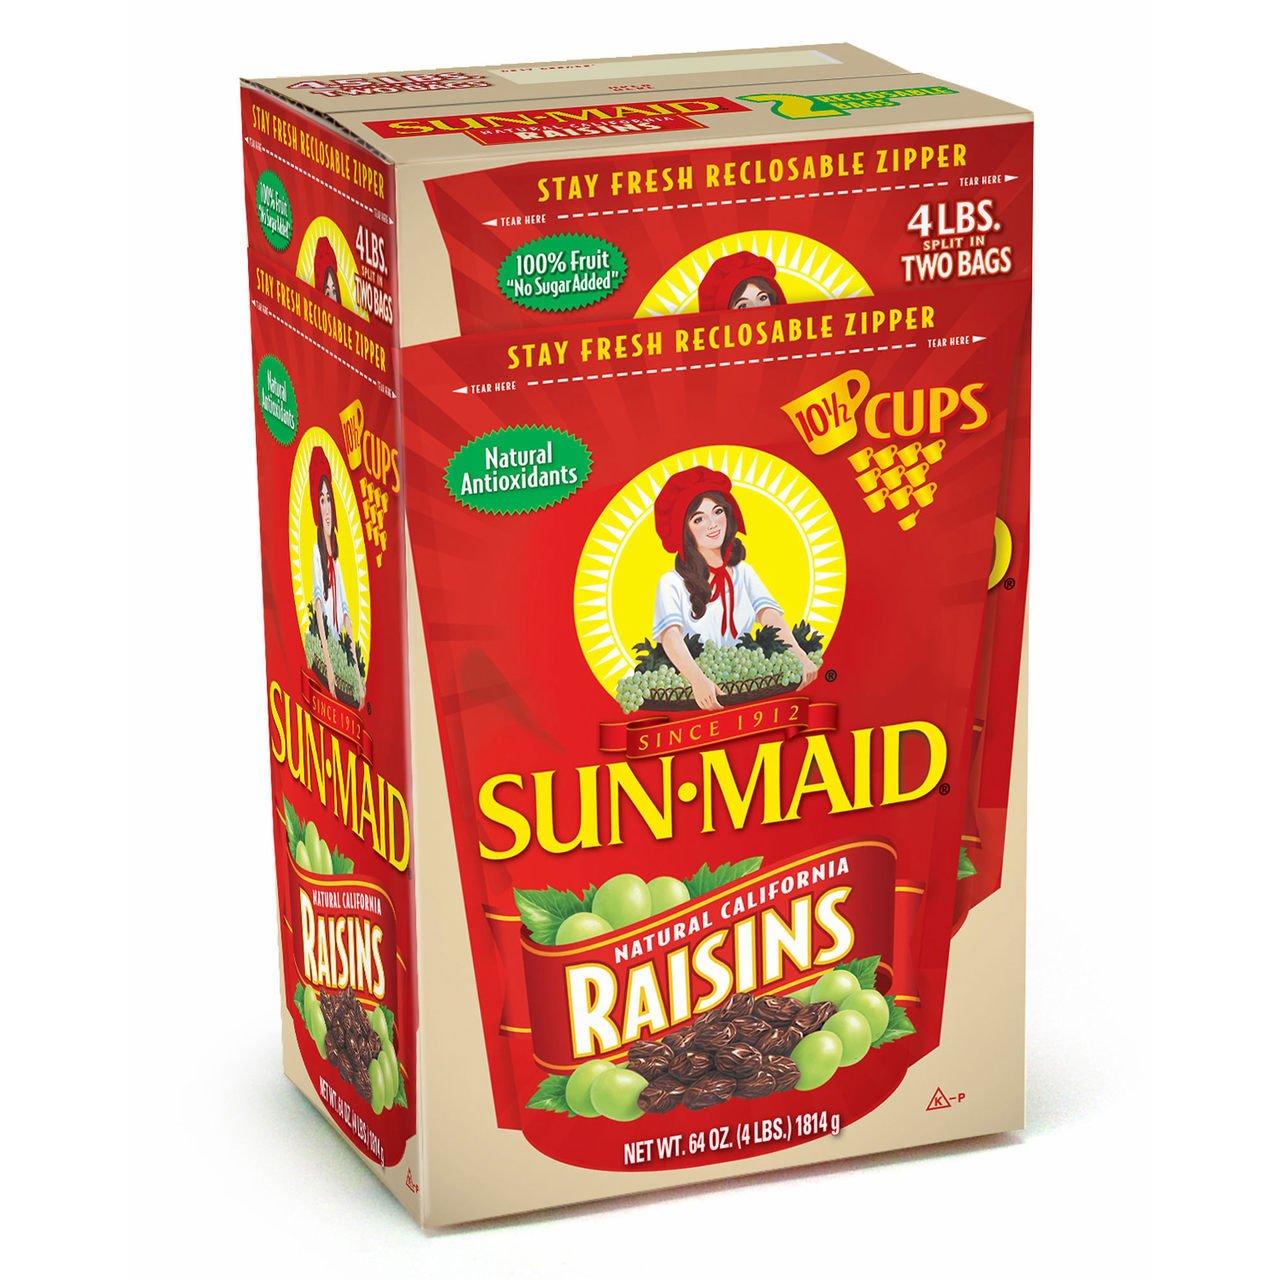 Sun-Maid Natural California Raisins, 64 Ounce by SUN-MAID